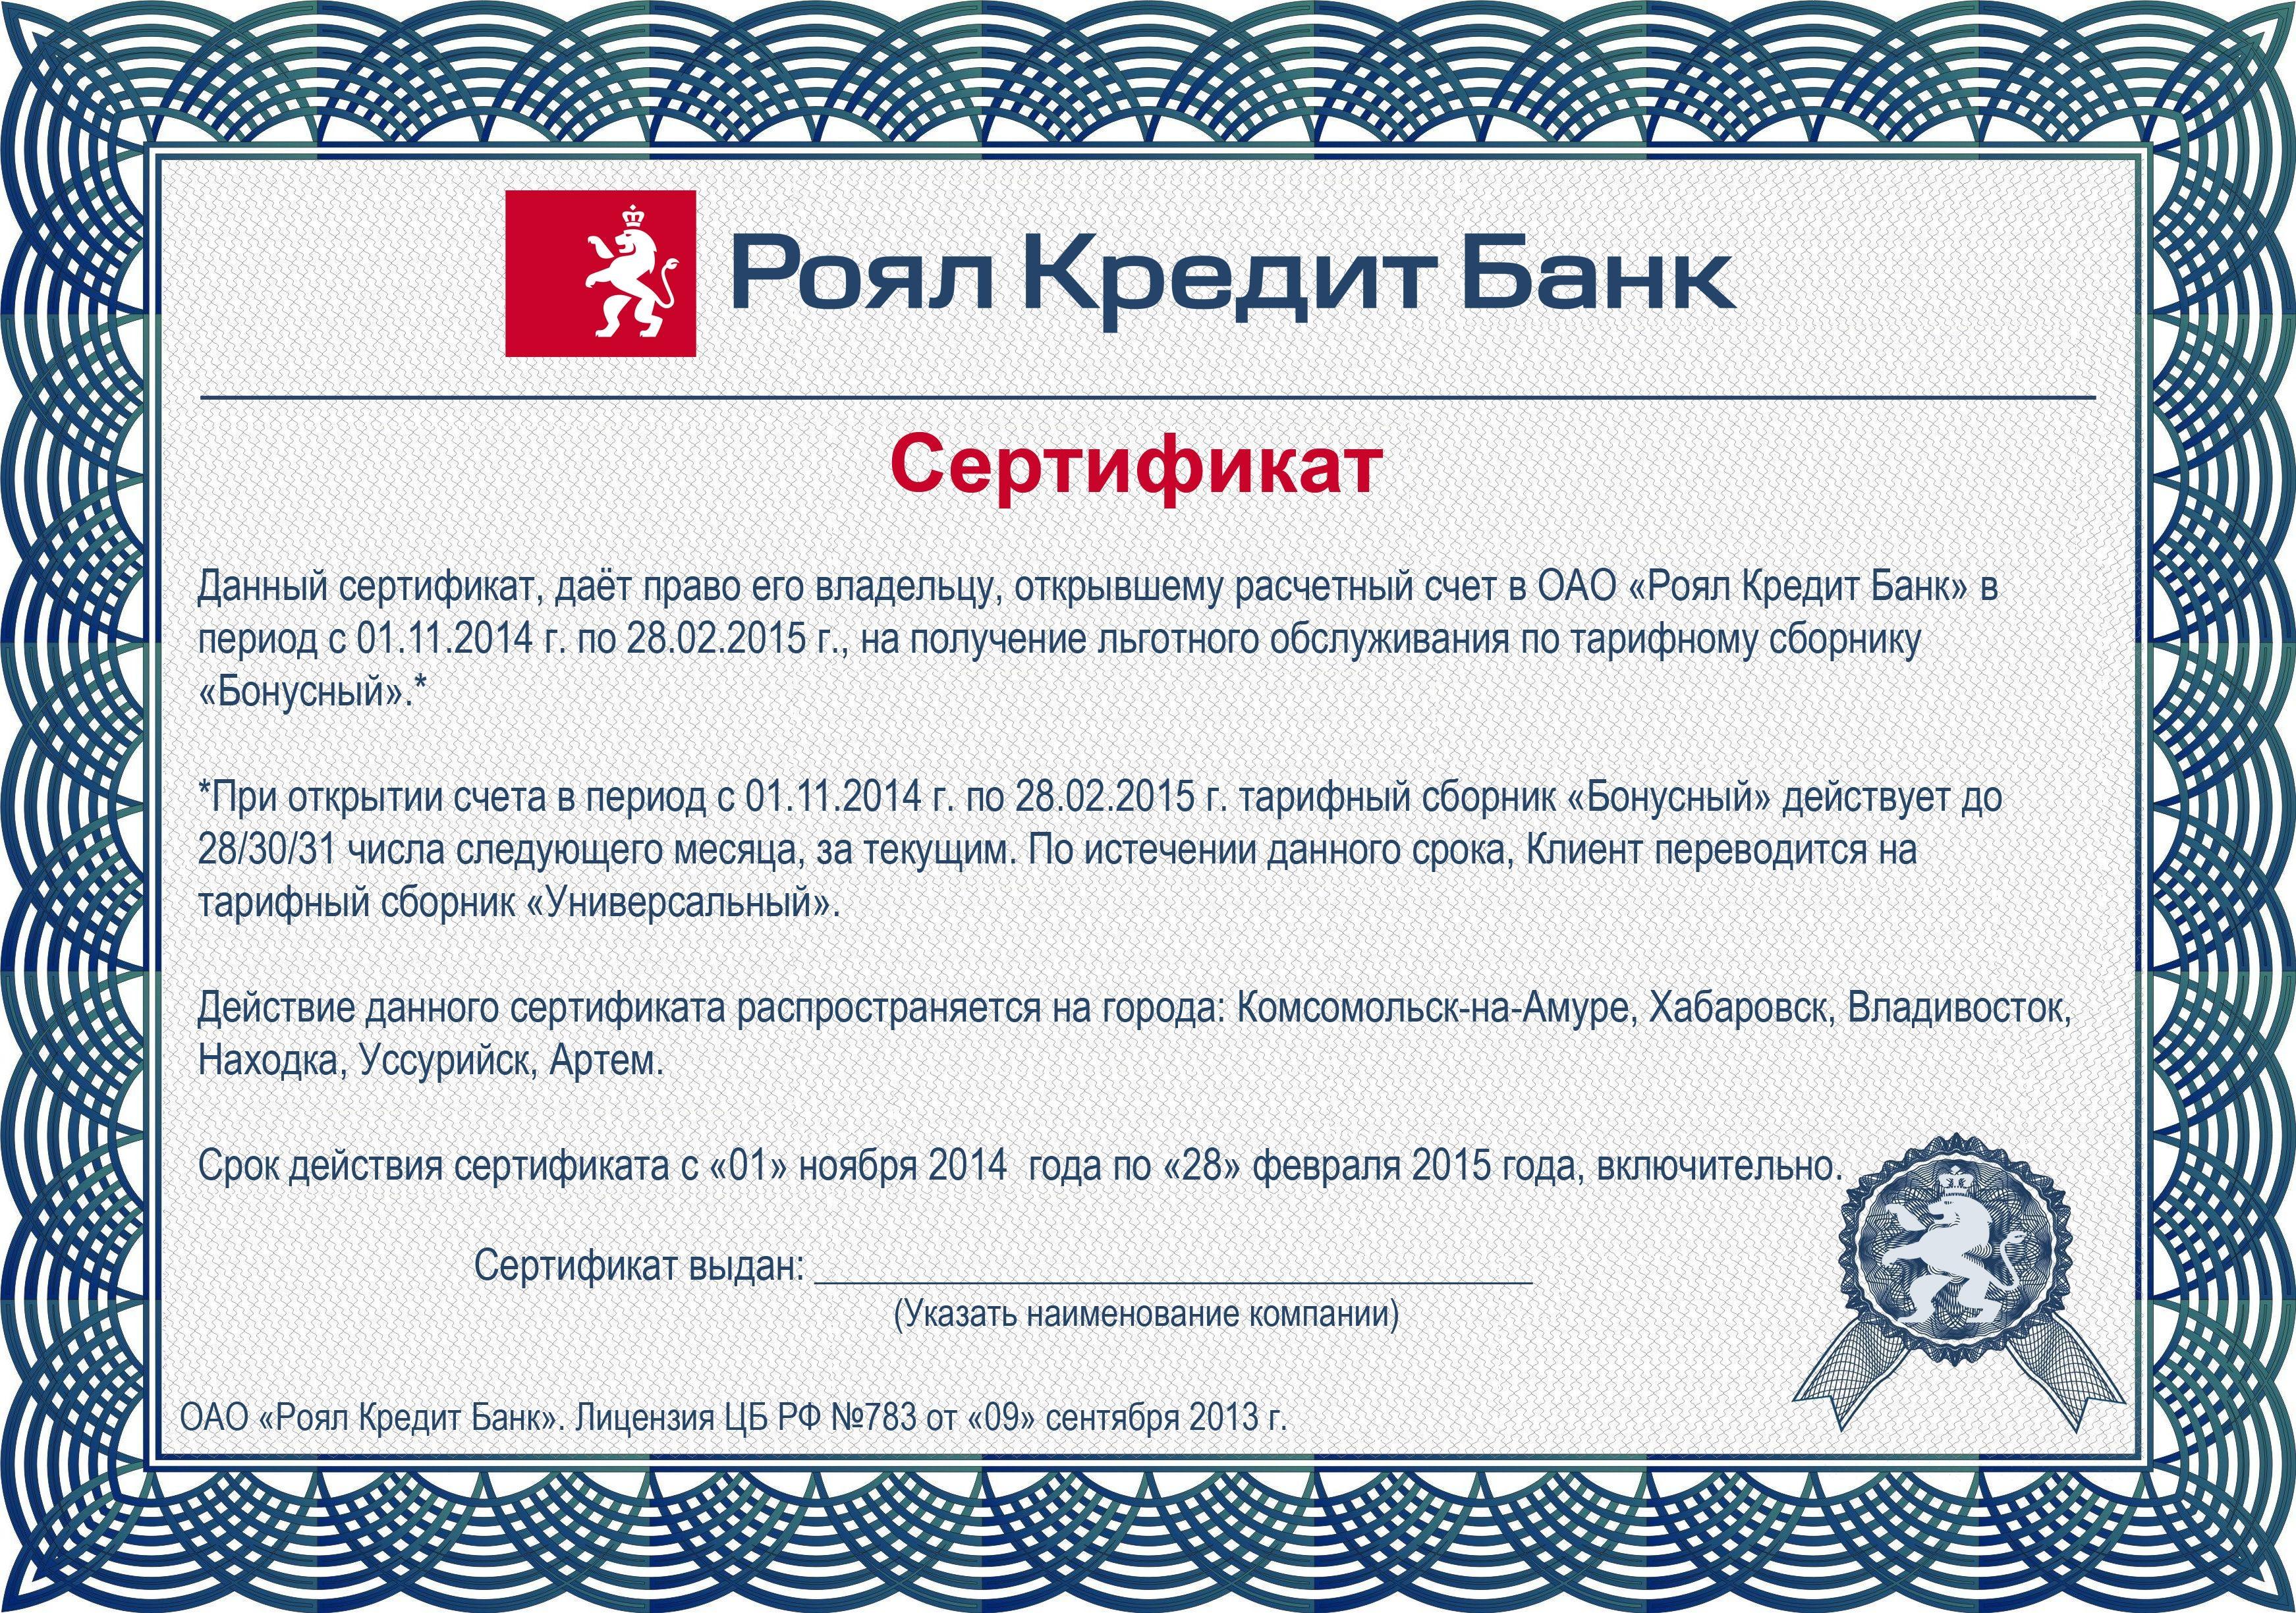 кредит официальный сайт личный кабинет